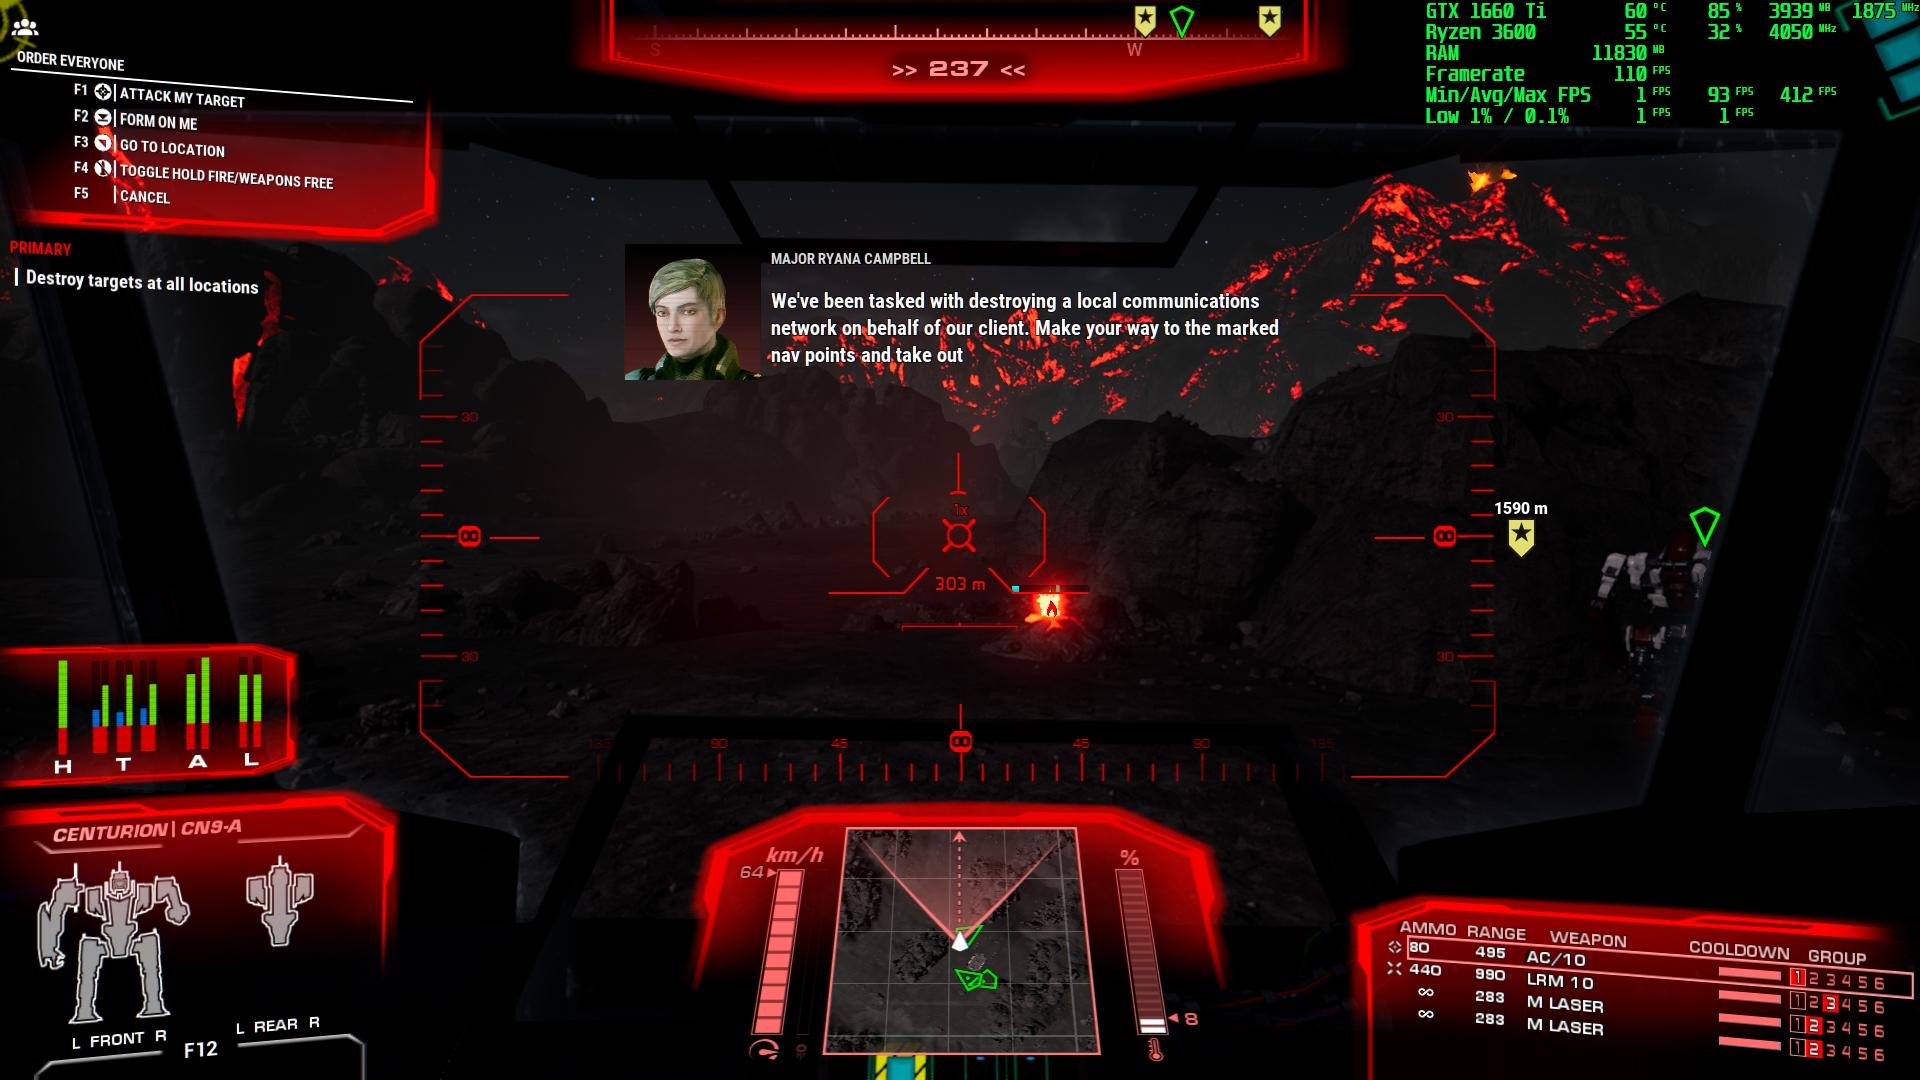 MechWarrior-Win64-Shipping_2020_02_07_22_24_25_410.jpg